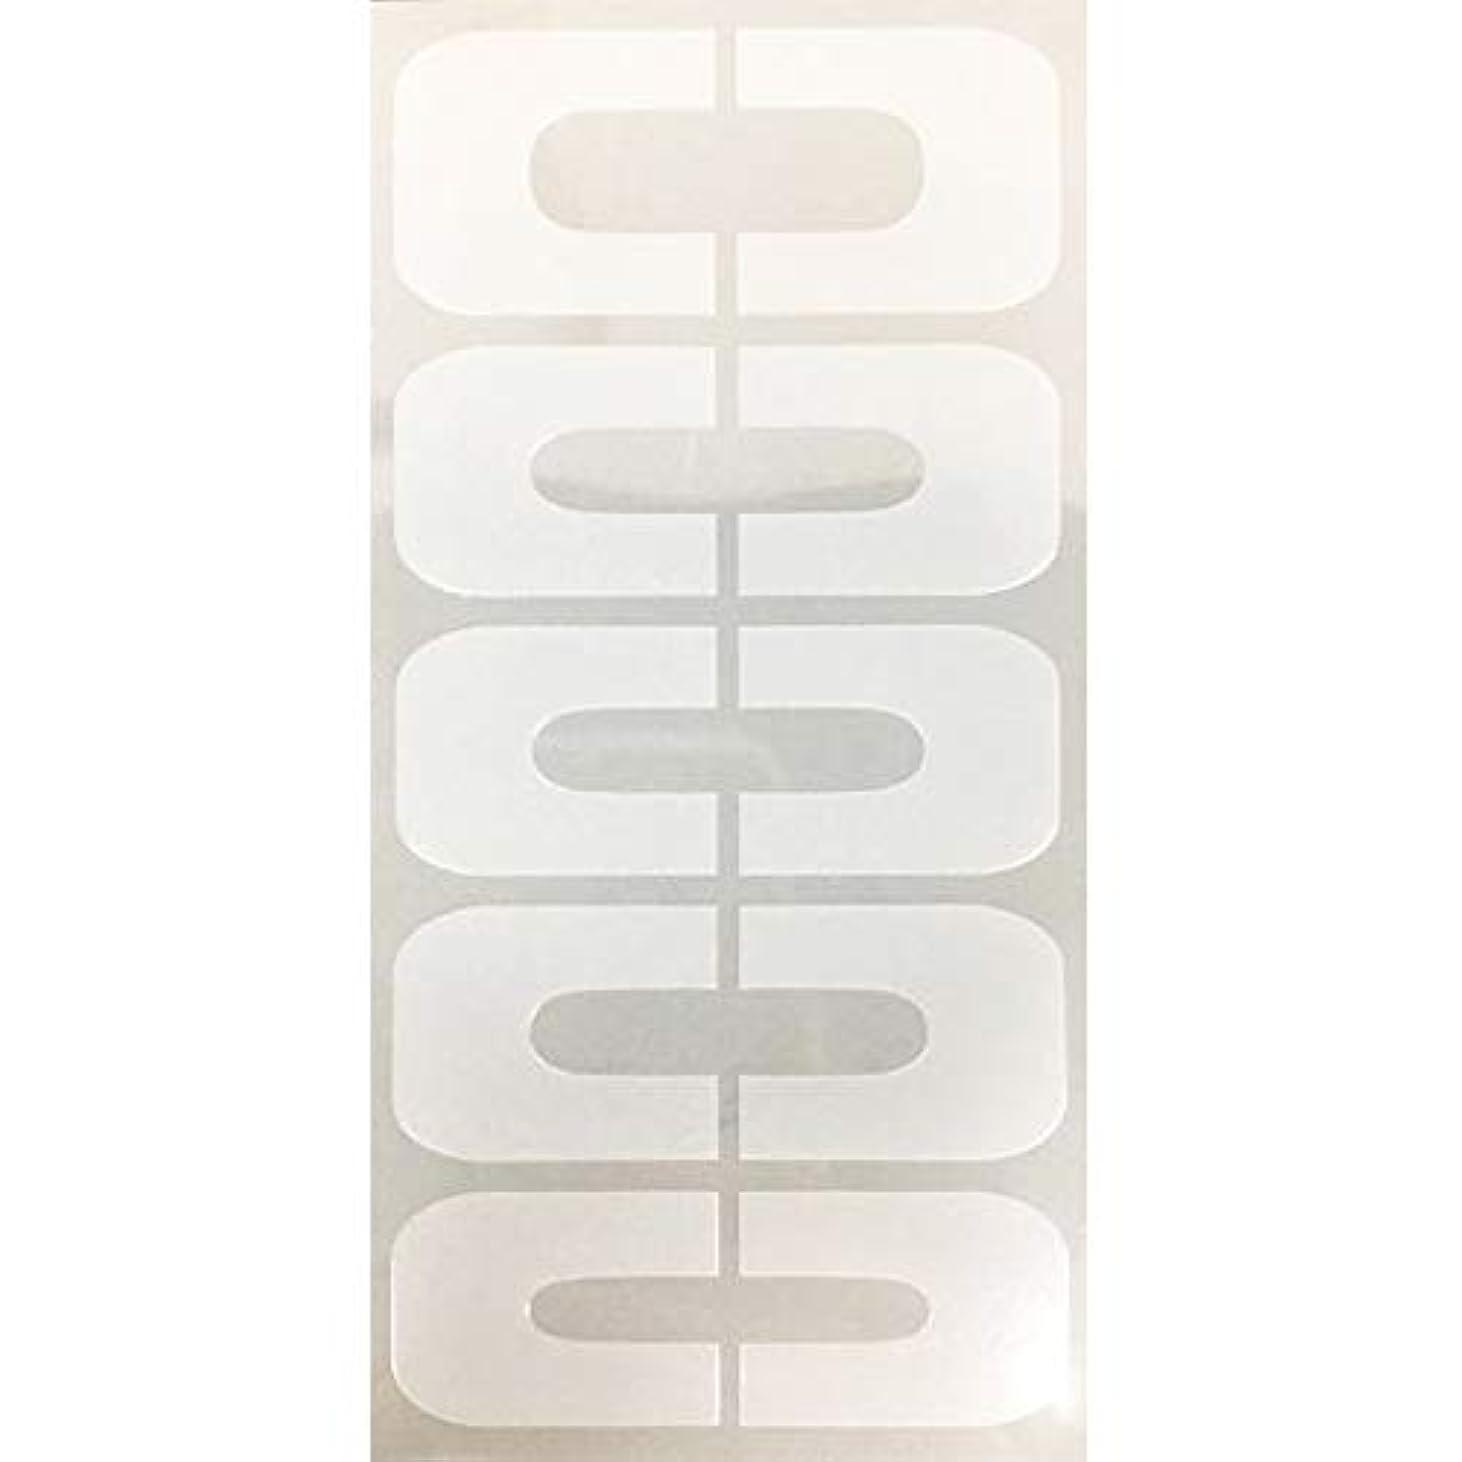 和解するリネンマングルAIRTEX エアジェル マスキングシール クリア 10枚 AGL-FM5